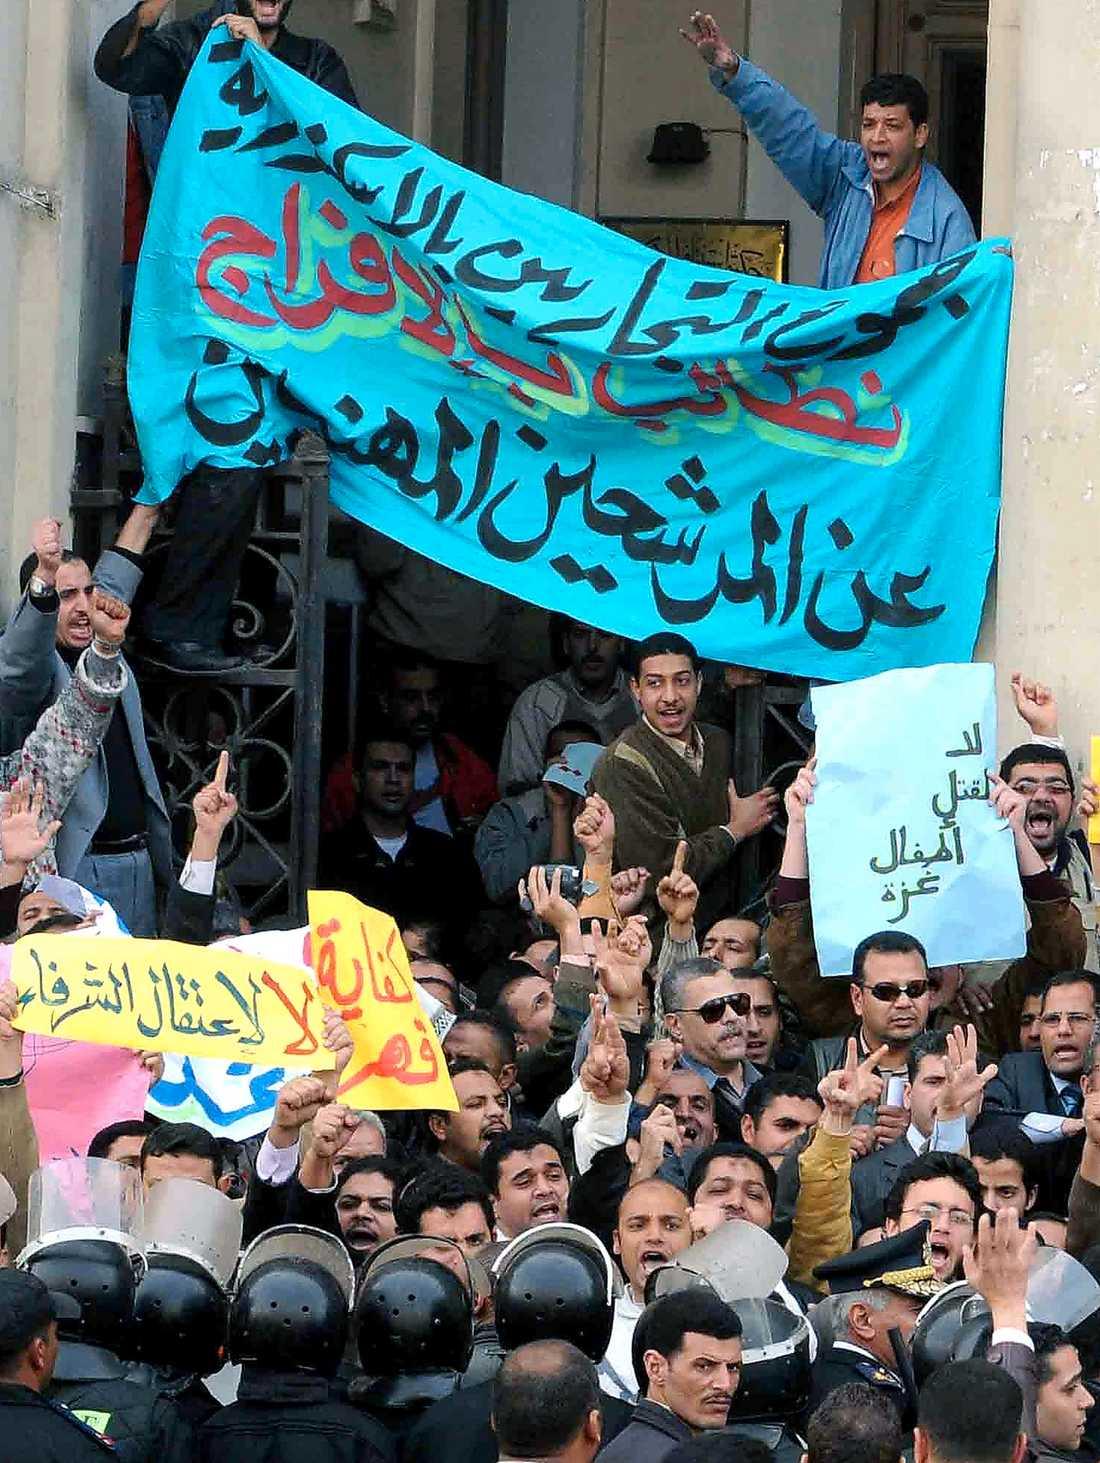 SVARTMÅLAD RÖRELSE Det muslimska brödraskapet protesterar i Alexandria 2008 mot att Mubarak-regimen förföljer gruppens medlemmar.